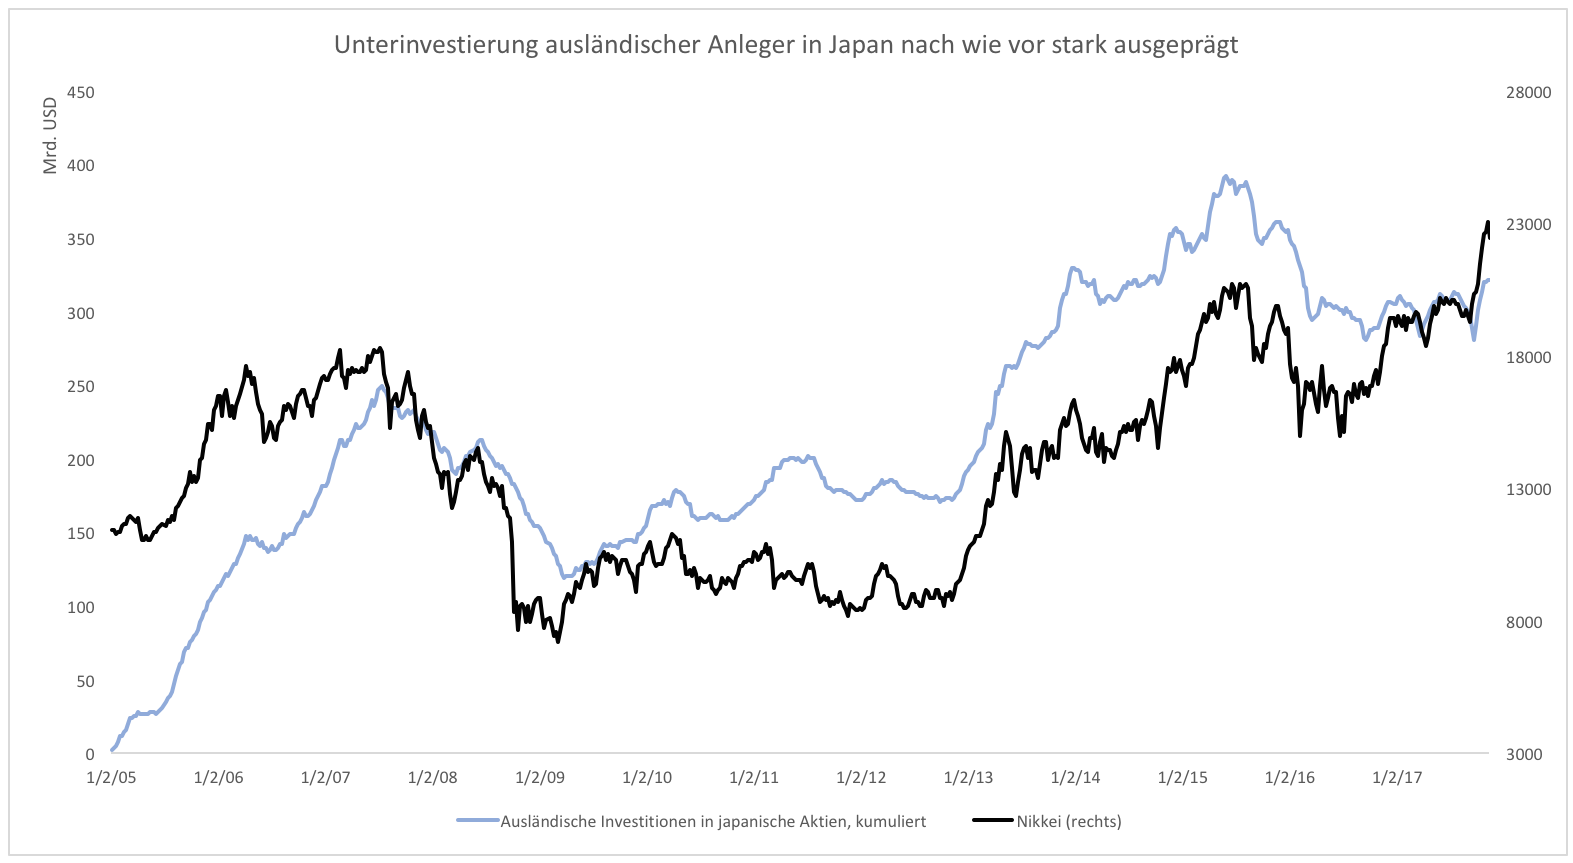 Aktienrally-in-Japan-schon-wieder-vorbei-Kommentar-Clemens-Schmale-GodmodeTrader.de-2